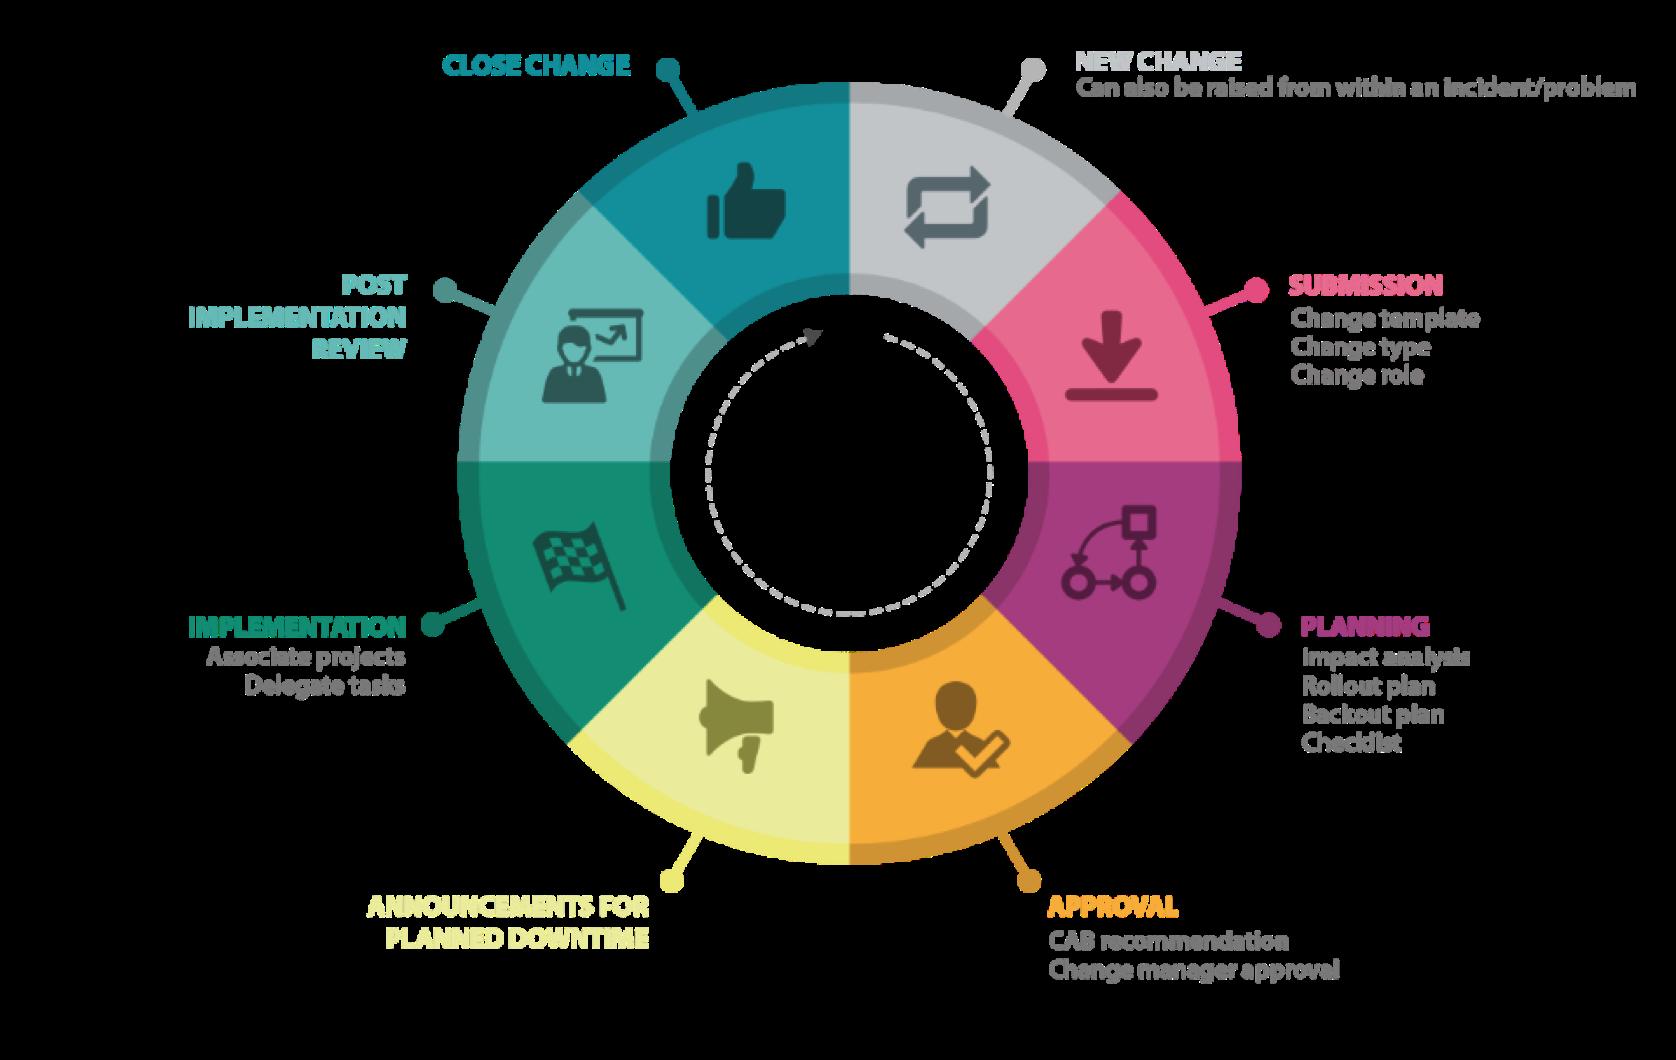 Itil change management process diagram also itsm pinterest rh